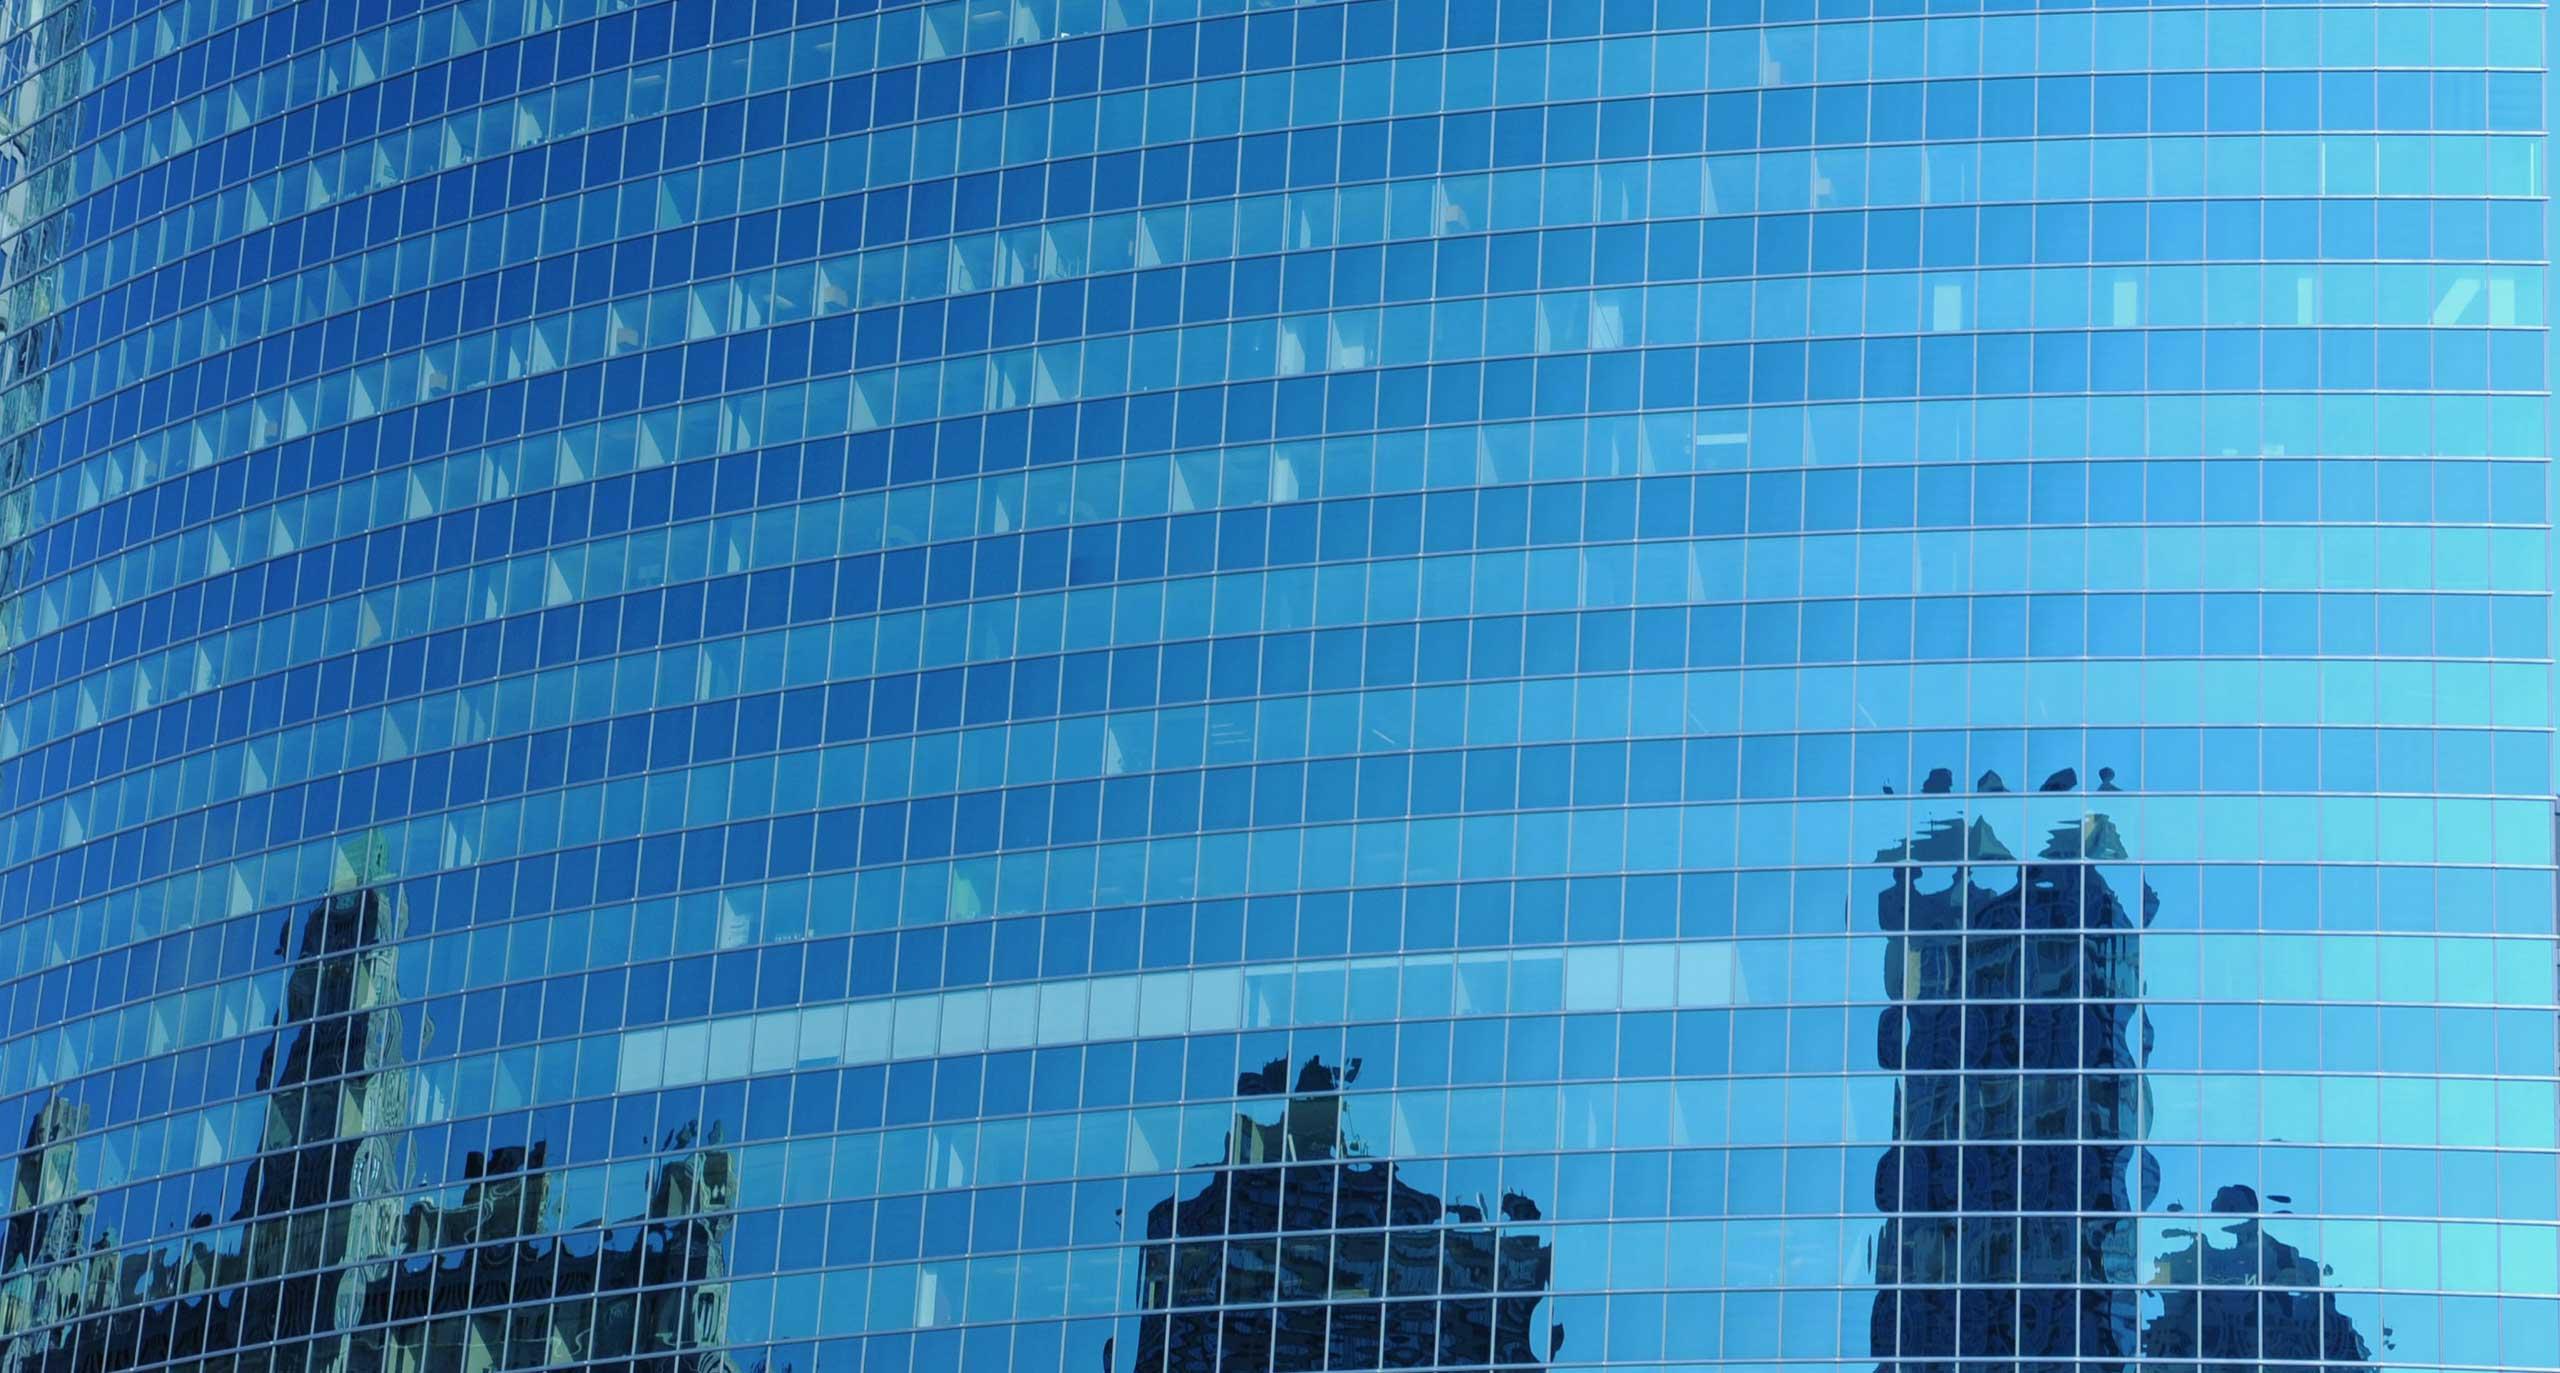 Los estudios chilenos que figuran entre los asesores legales de las 100 mayores corporaciones de la región